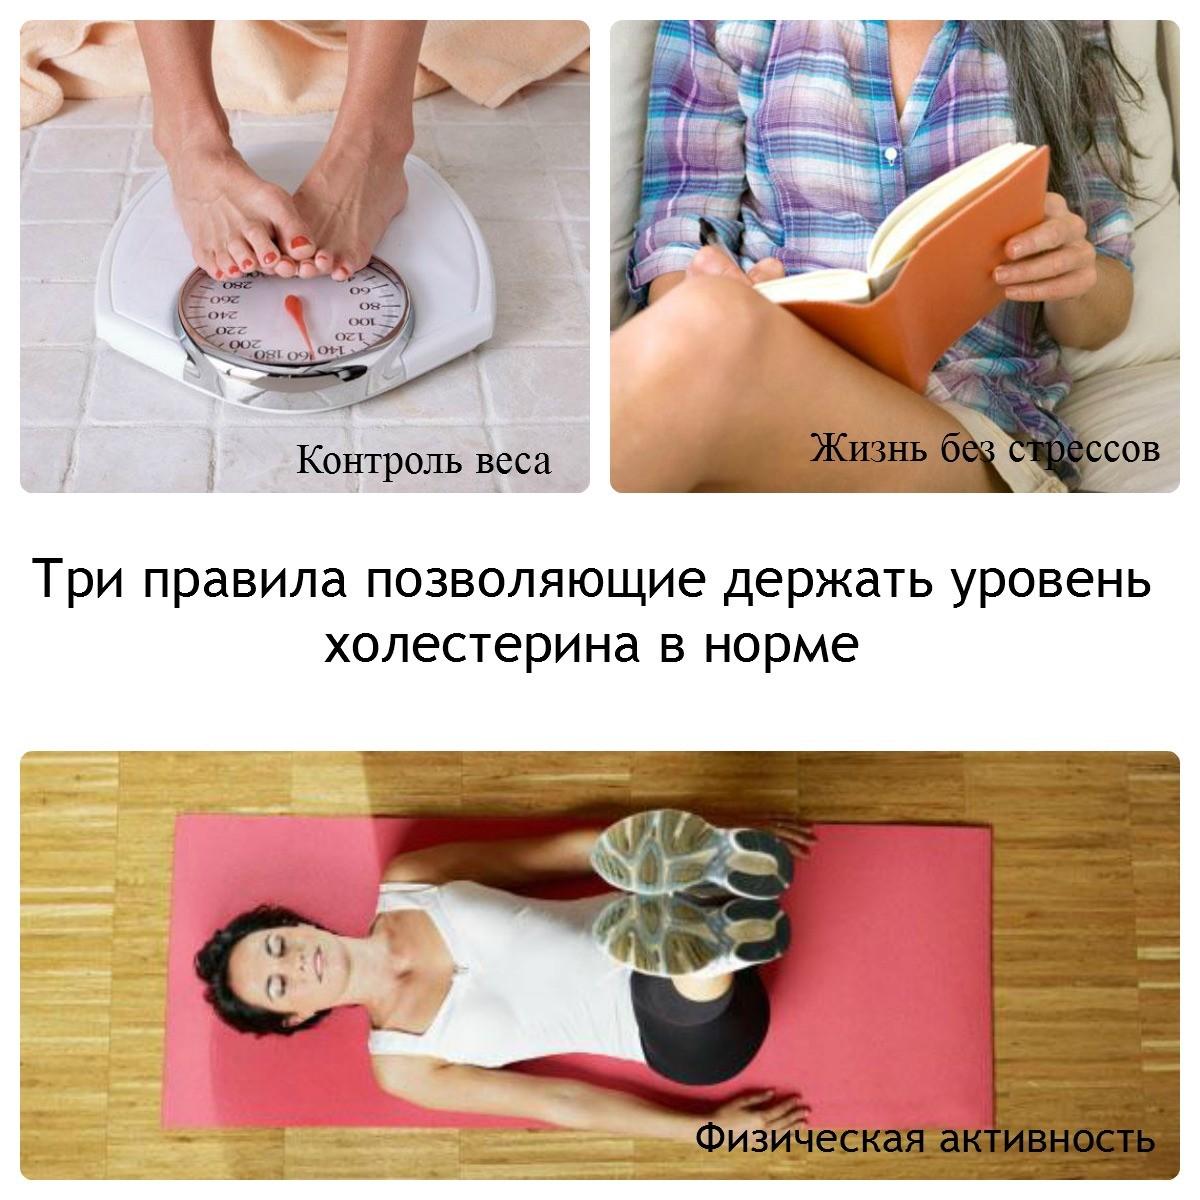 Как очистить чайник от накипи в домашних условиях быстро и 1